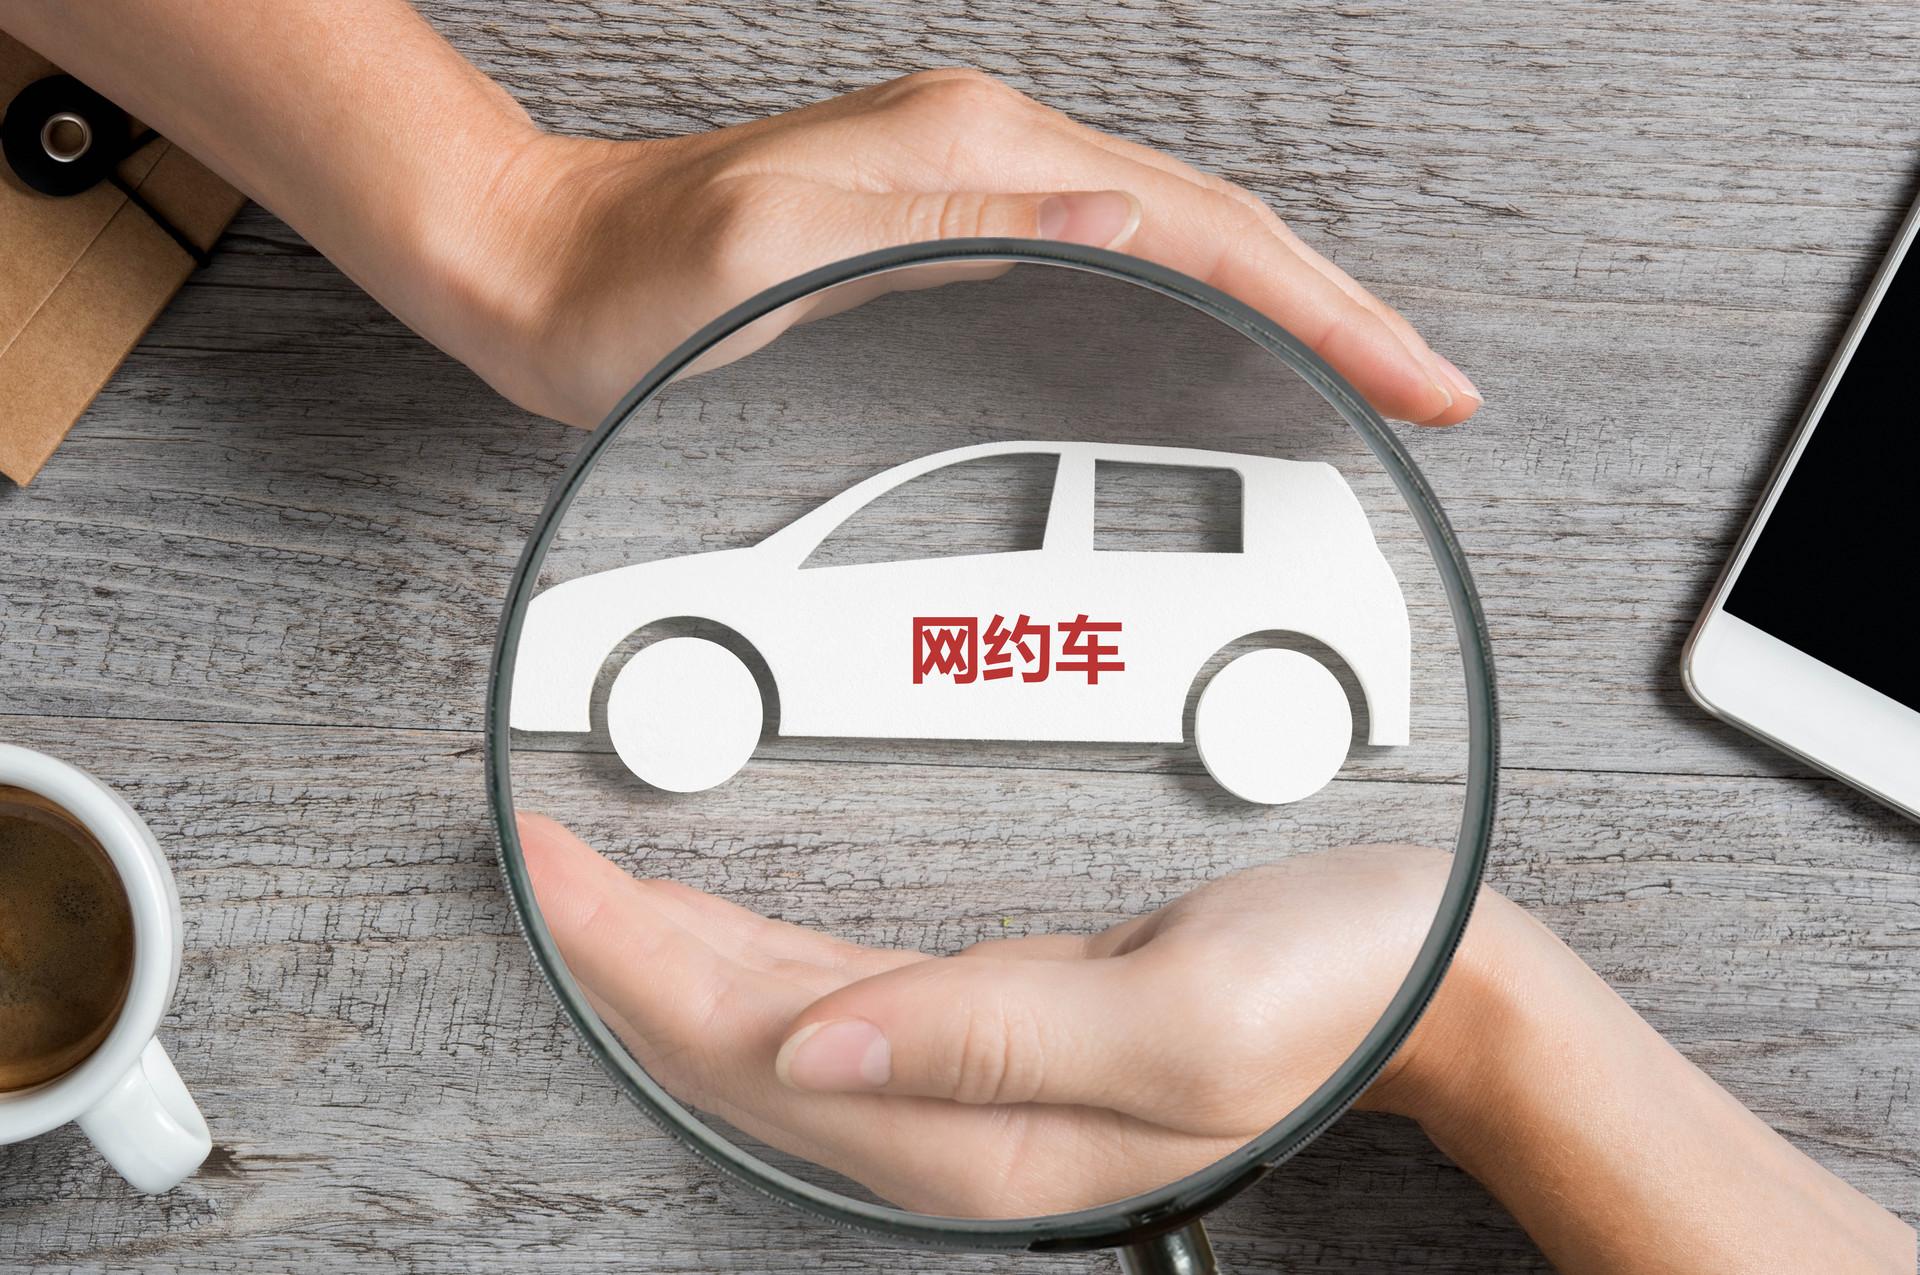 滴滴或年底推出无人驾驶出租车,司机们要失业了吗?